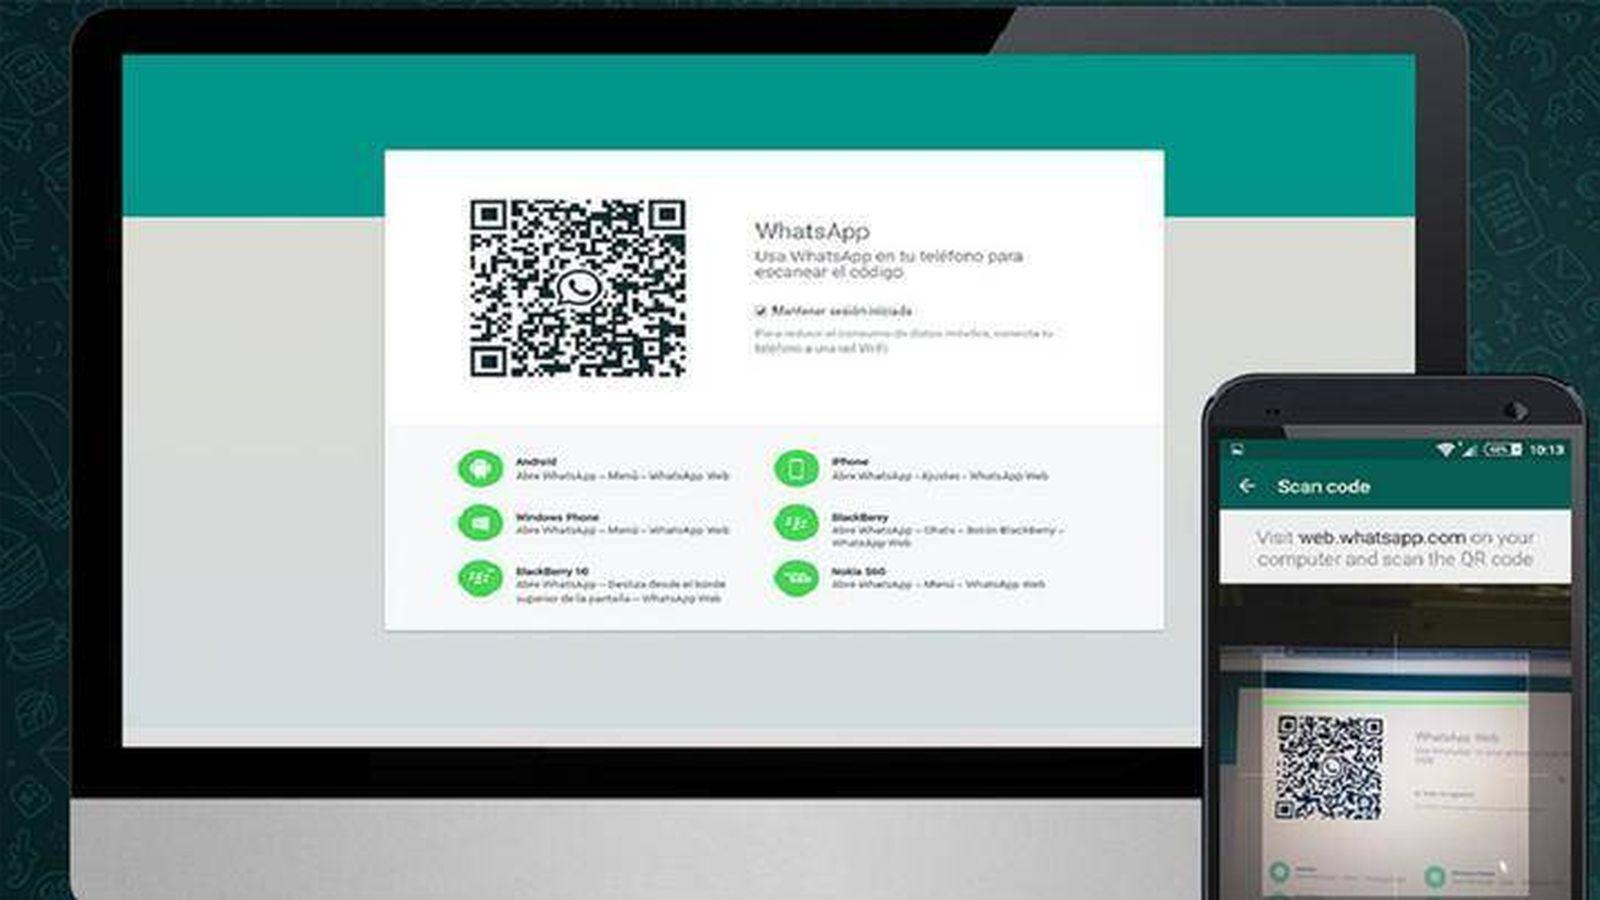 1. Cómo Espiar Whatsapp Web sin el Código QR